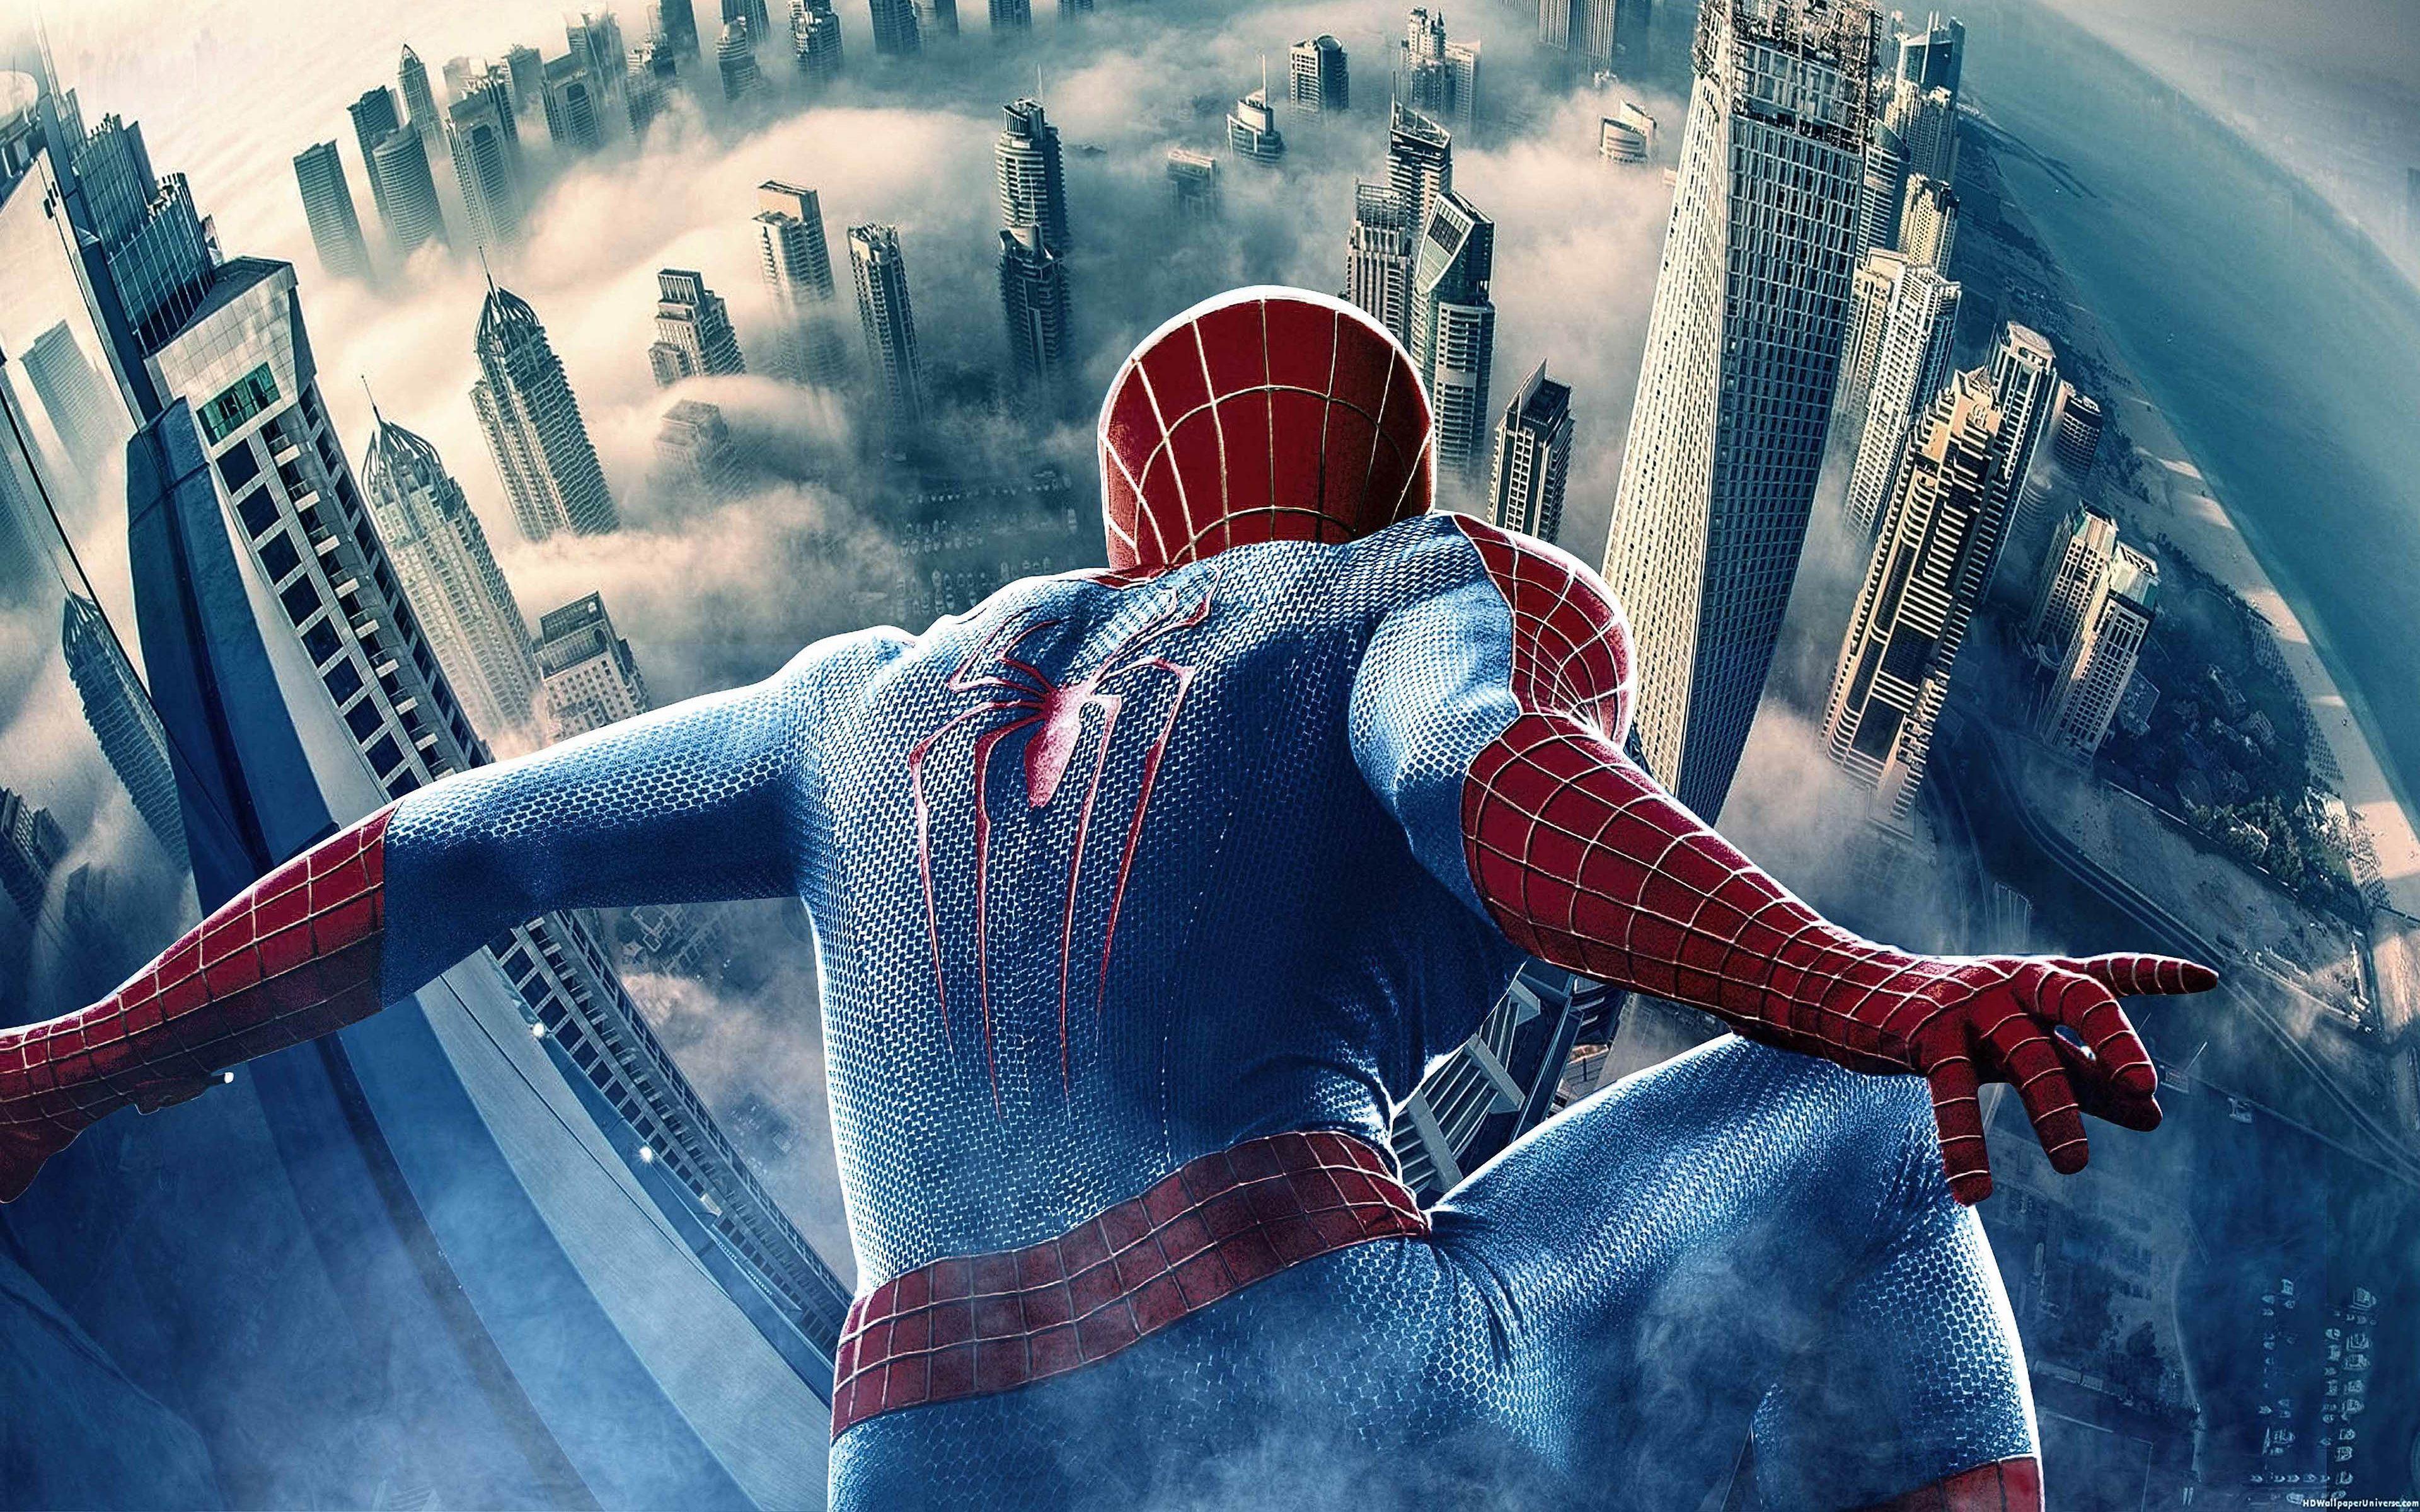 4k spiderman wallpapers top